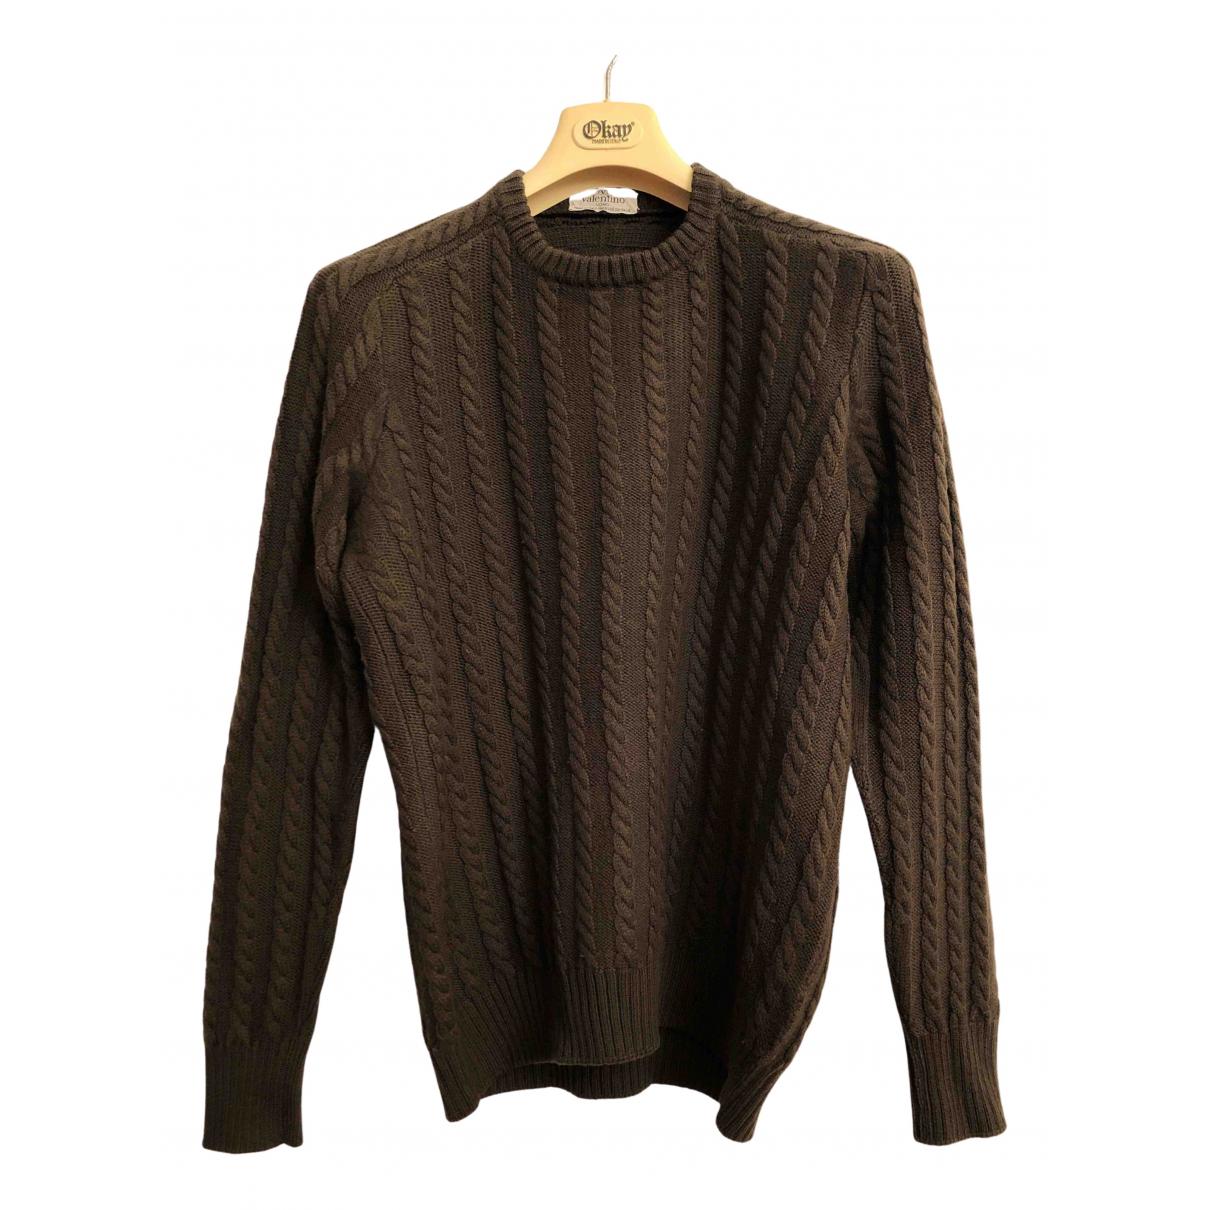 Valentino Garavani - Pull   pour femme en laine - marron